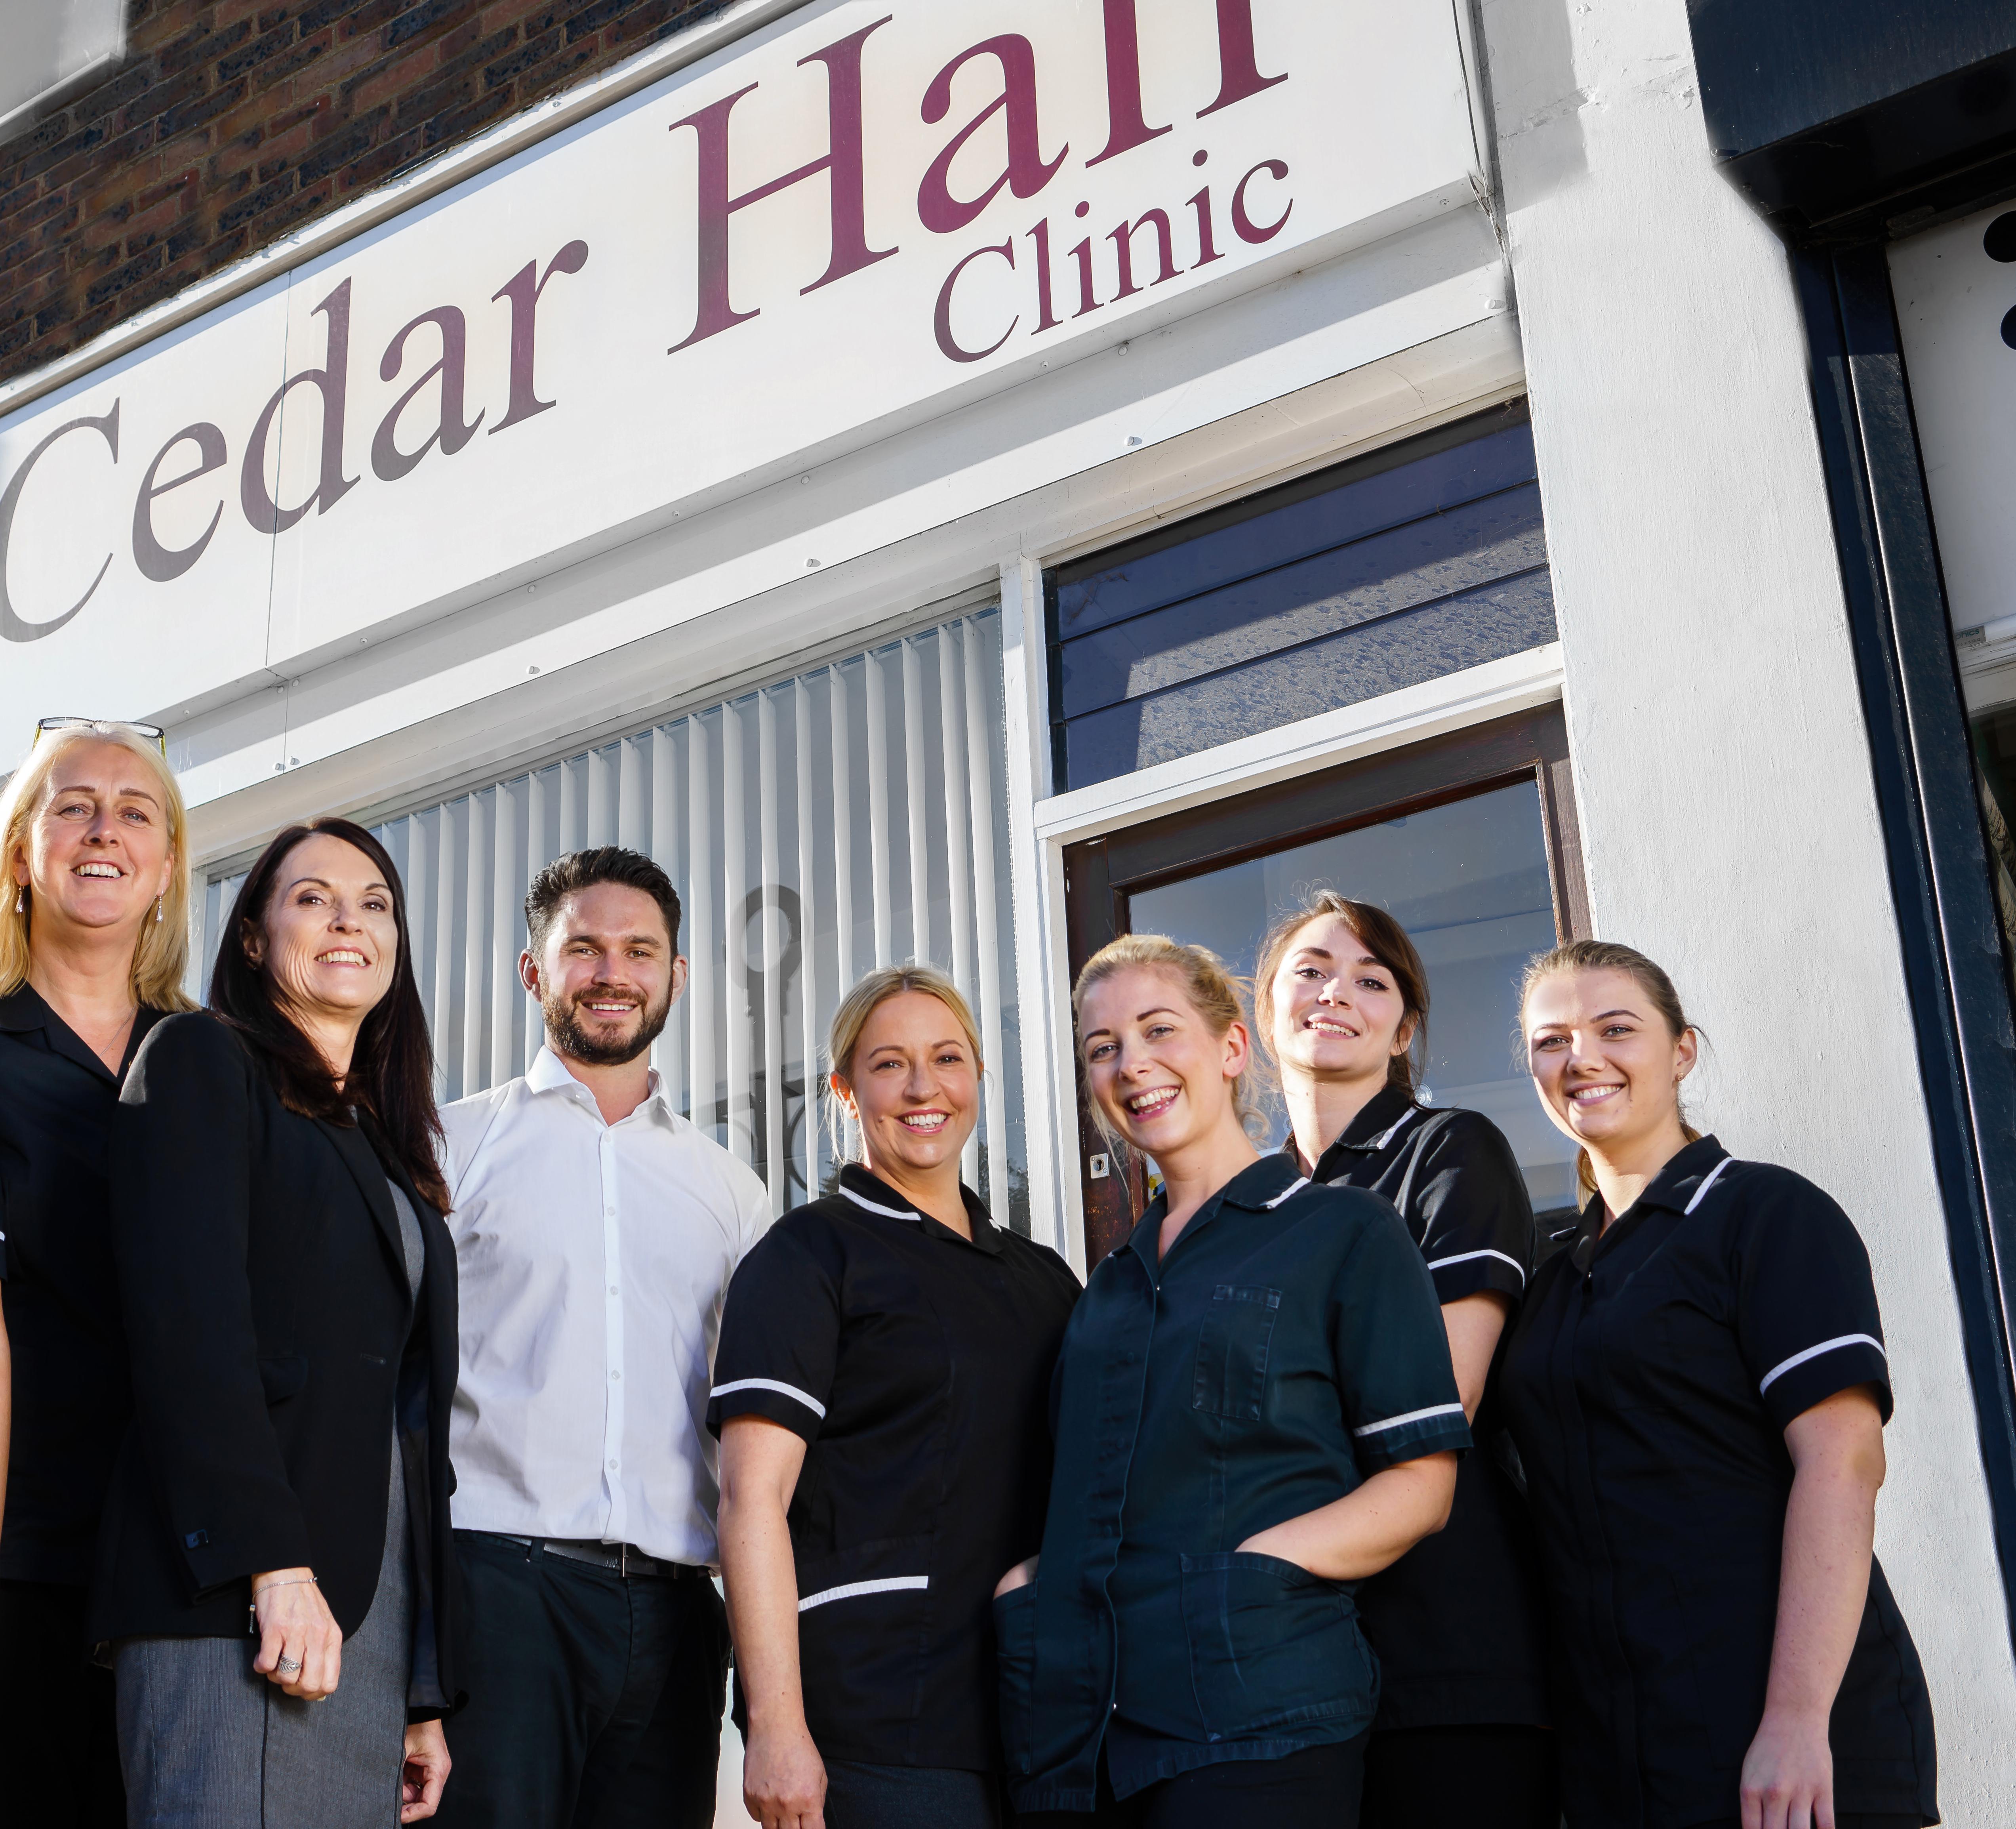 Team Cedar Hall